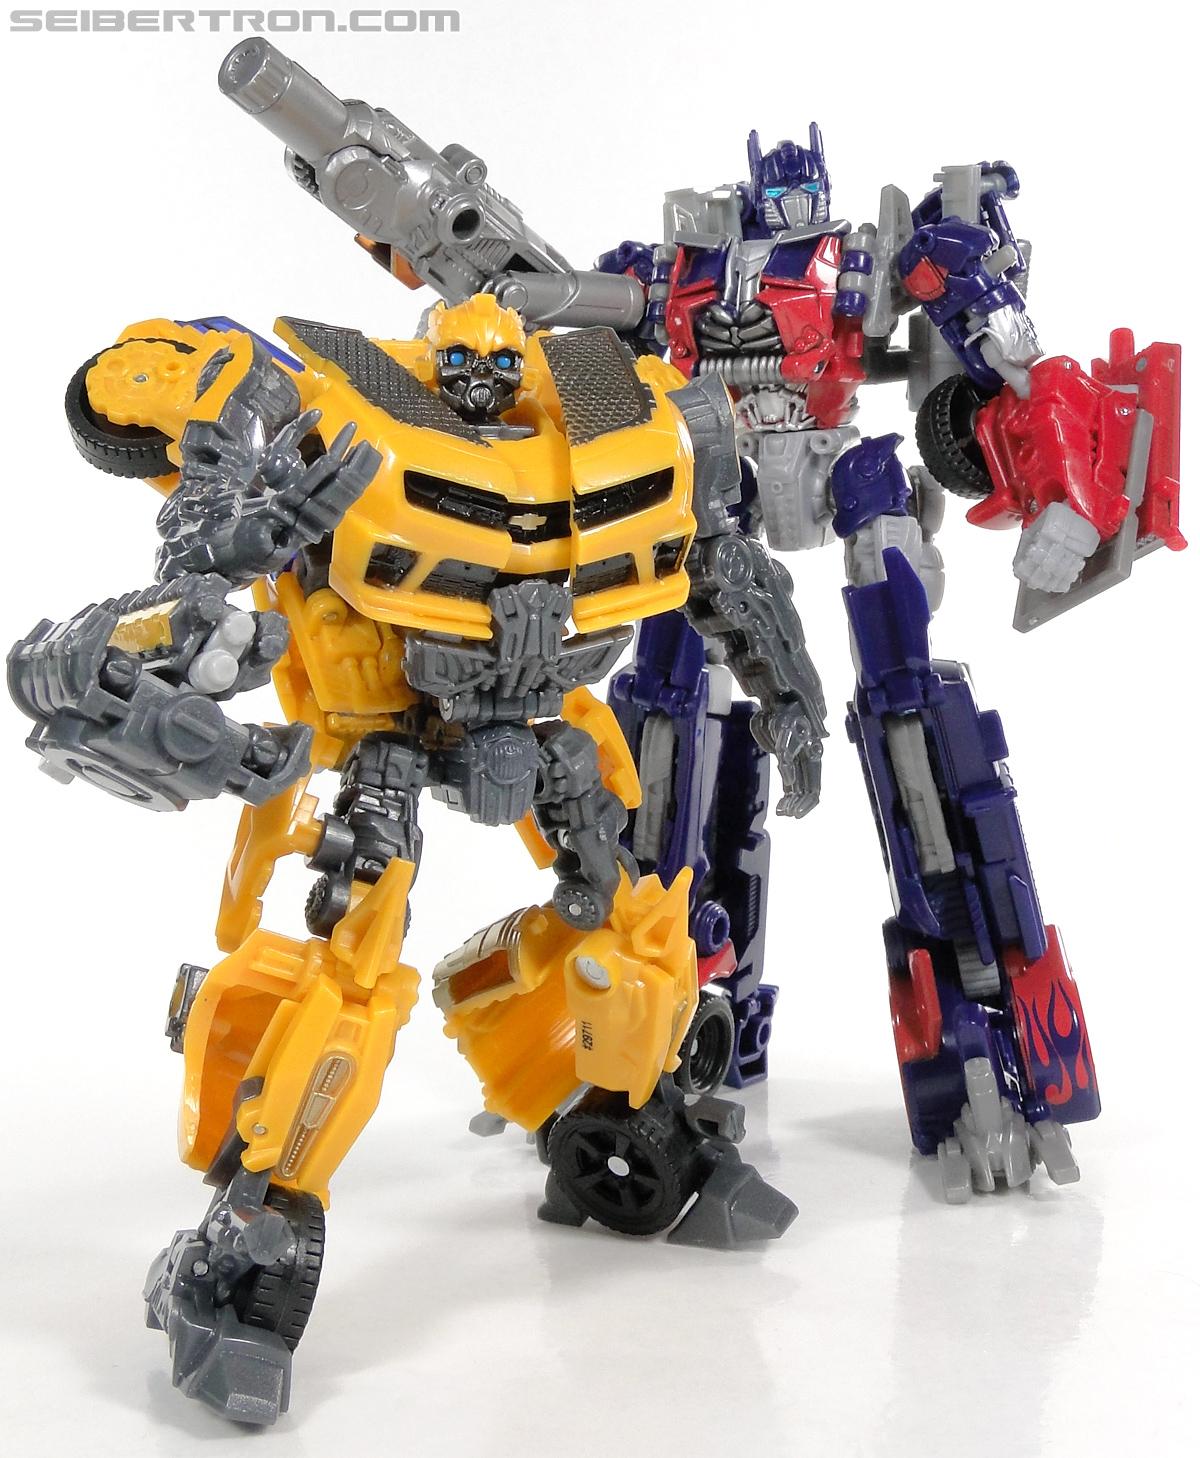 Nitro Bumblebee Dark of the Moon MechTech Deluxe Transformers